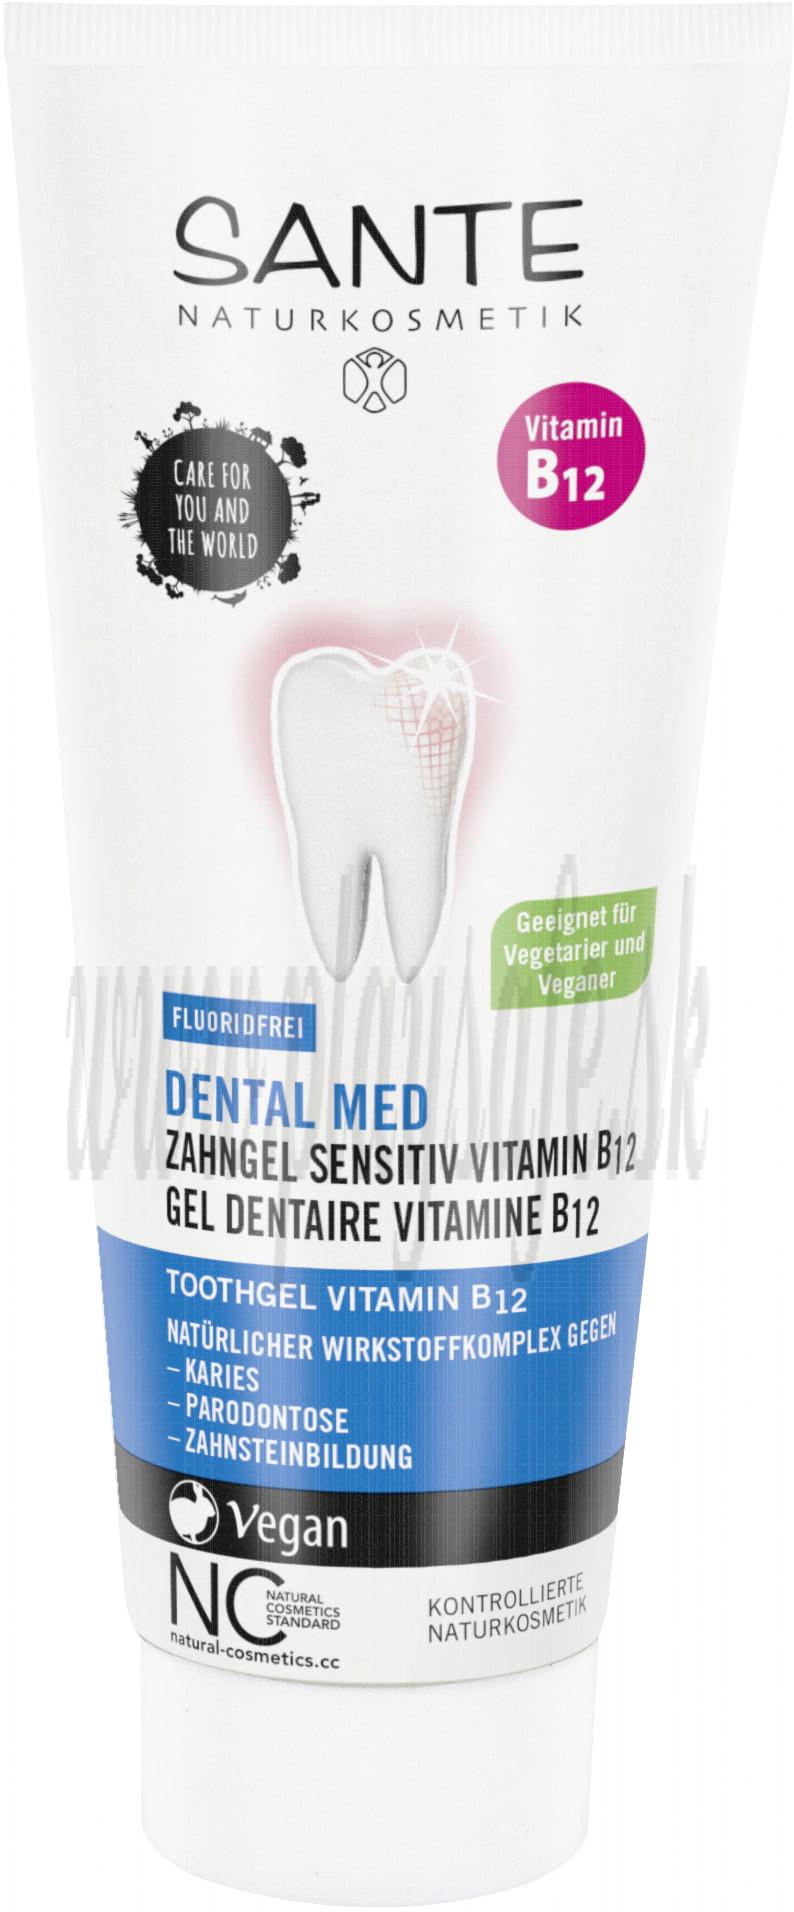 Sante Dental Med toothpaste Vitamin B12, 75ml